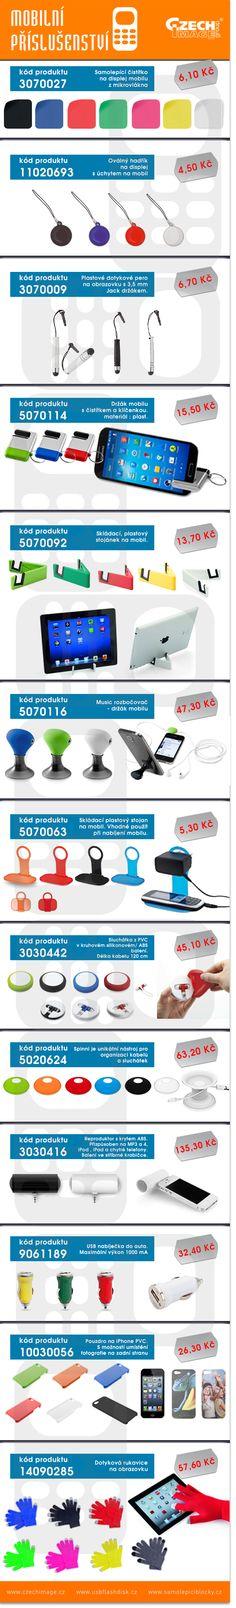 Reklamní příšlušenství pro telefony http://www.czechimage.cz/cz/reklamni-predmety/hodiny-budiky-radia/tablety-mobily-ctecky-knih.html#katalog